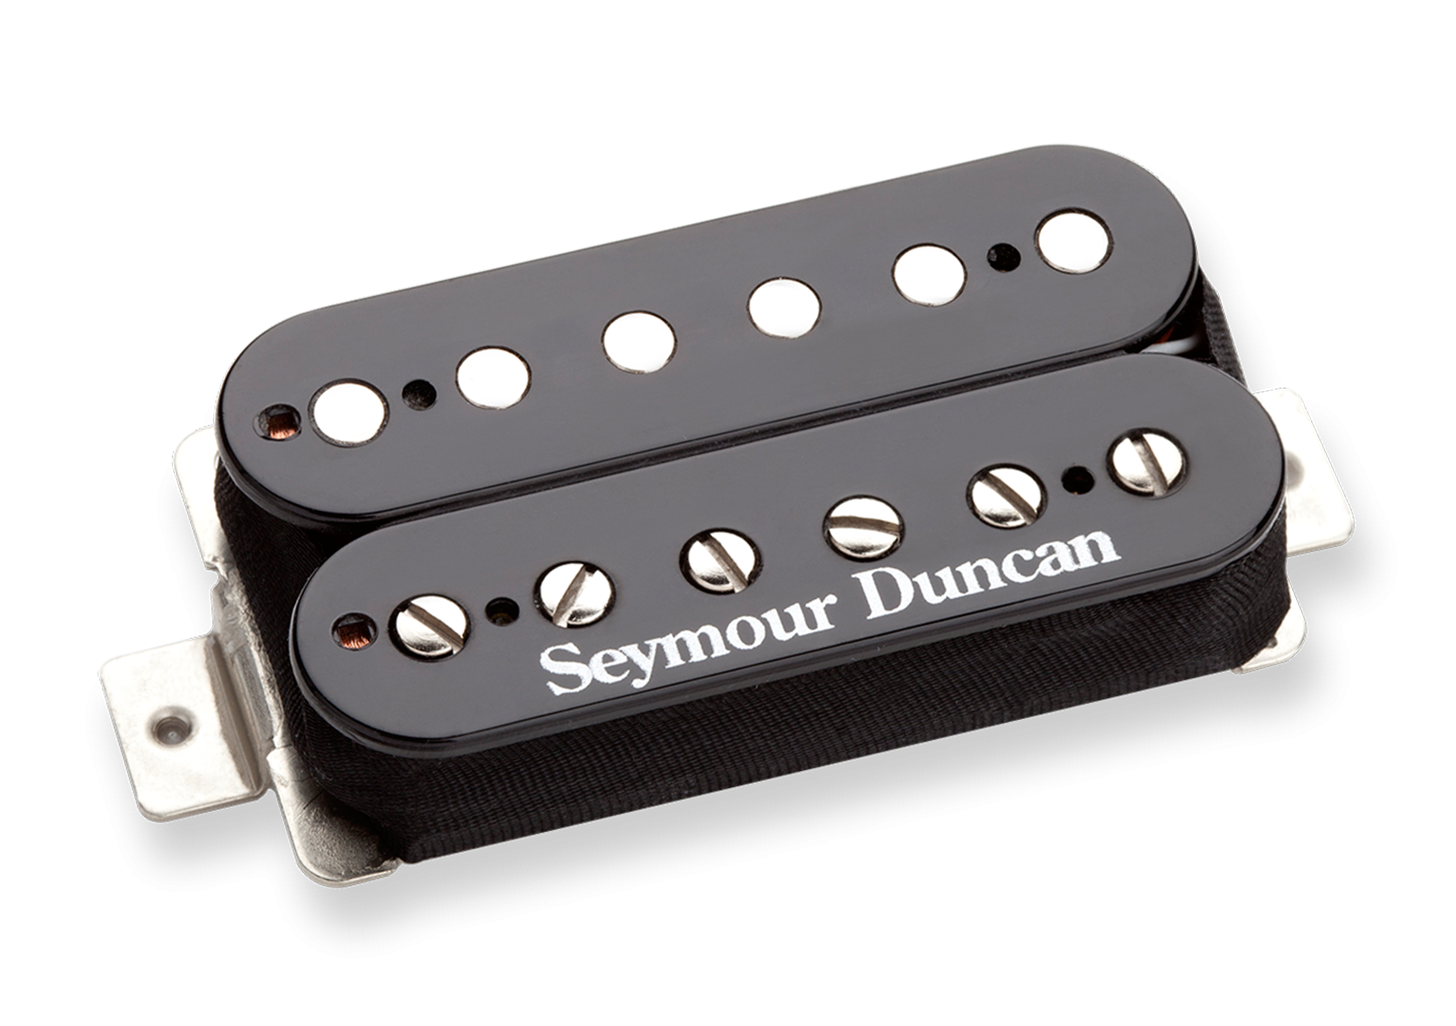 Seymour Duncan Custom Custom Humbucker - SH-11 Black